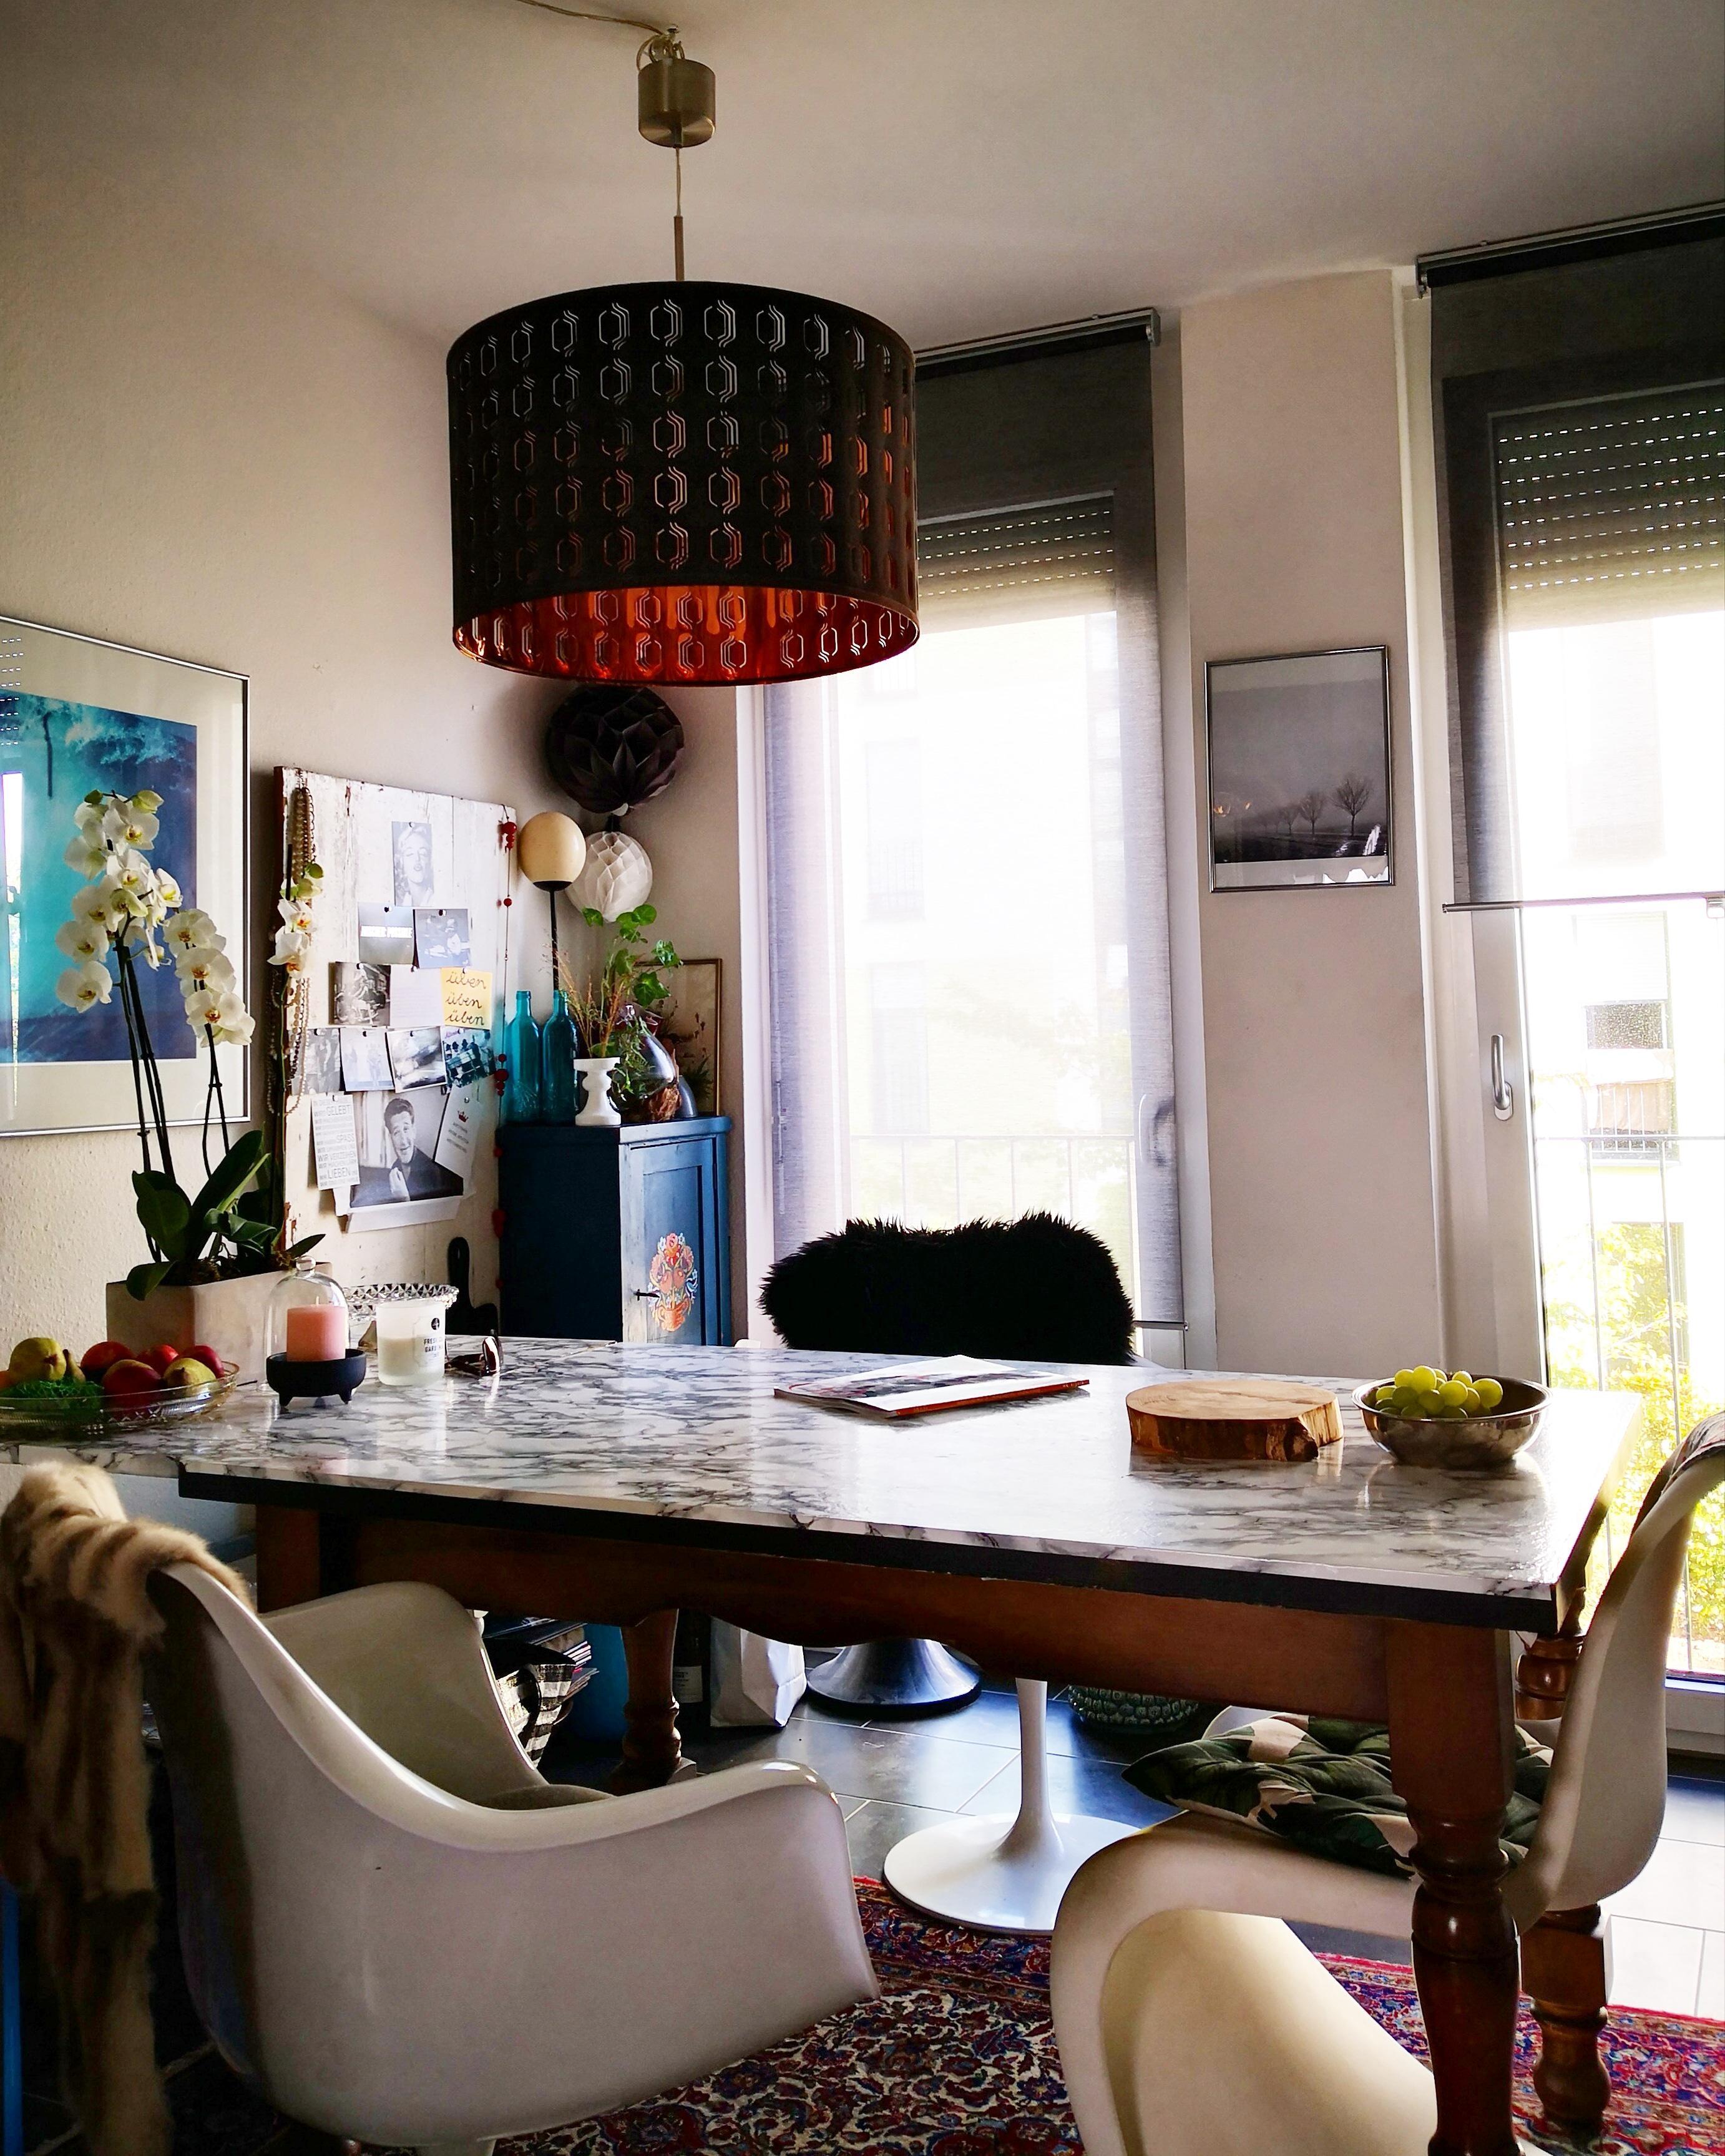 An Diesem Tisch Wird Gegessen, Gearbeitet, Diskutiert, Gelacht, Getrunken    Das Zentrum